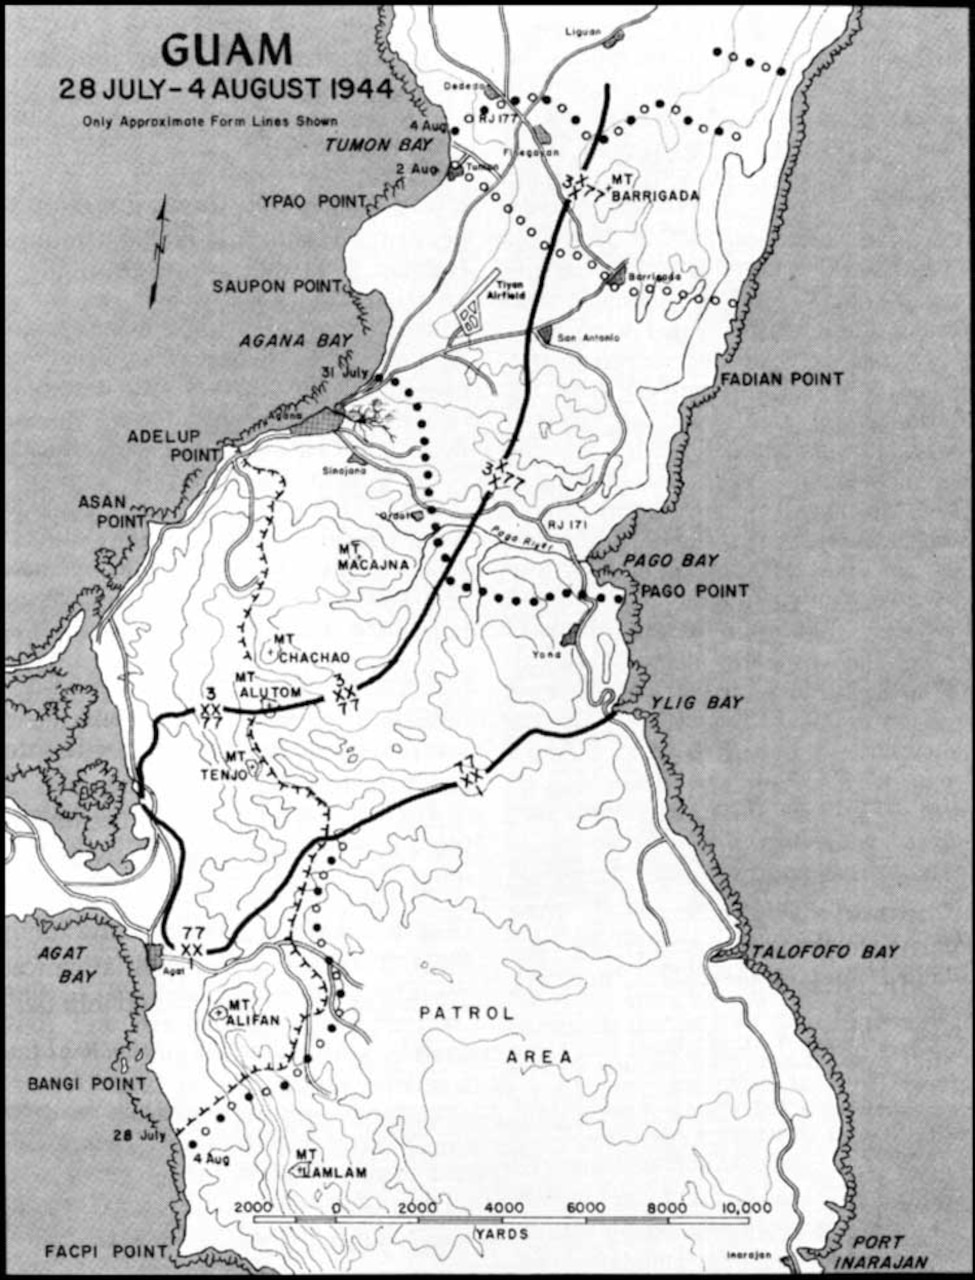 A map of Guam.